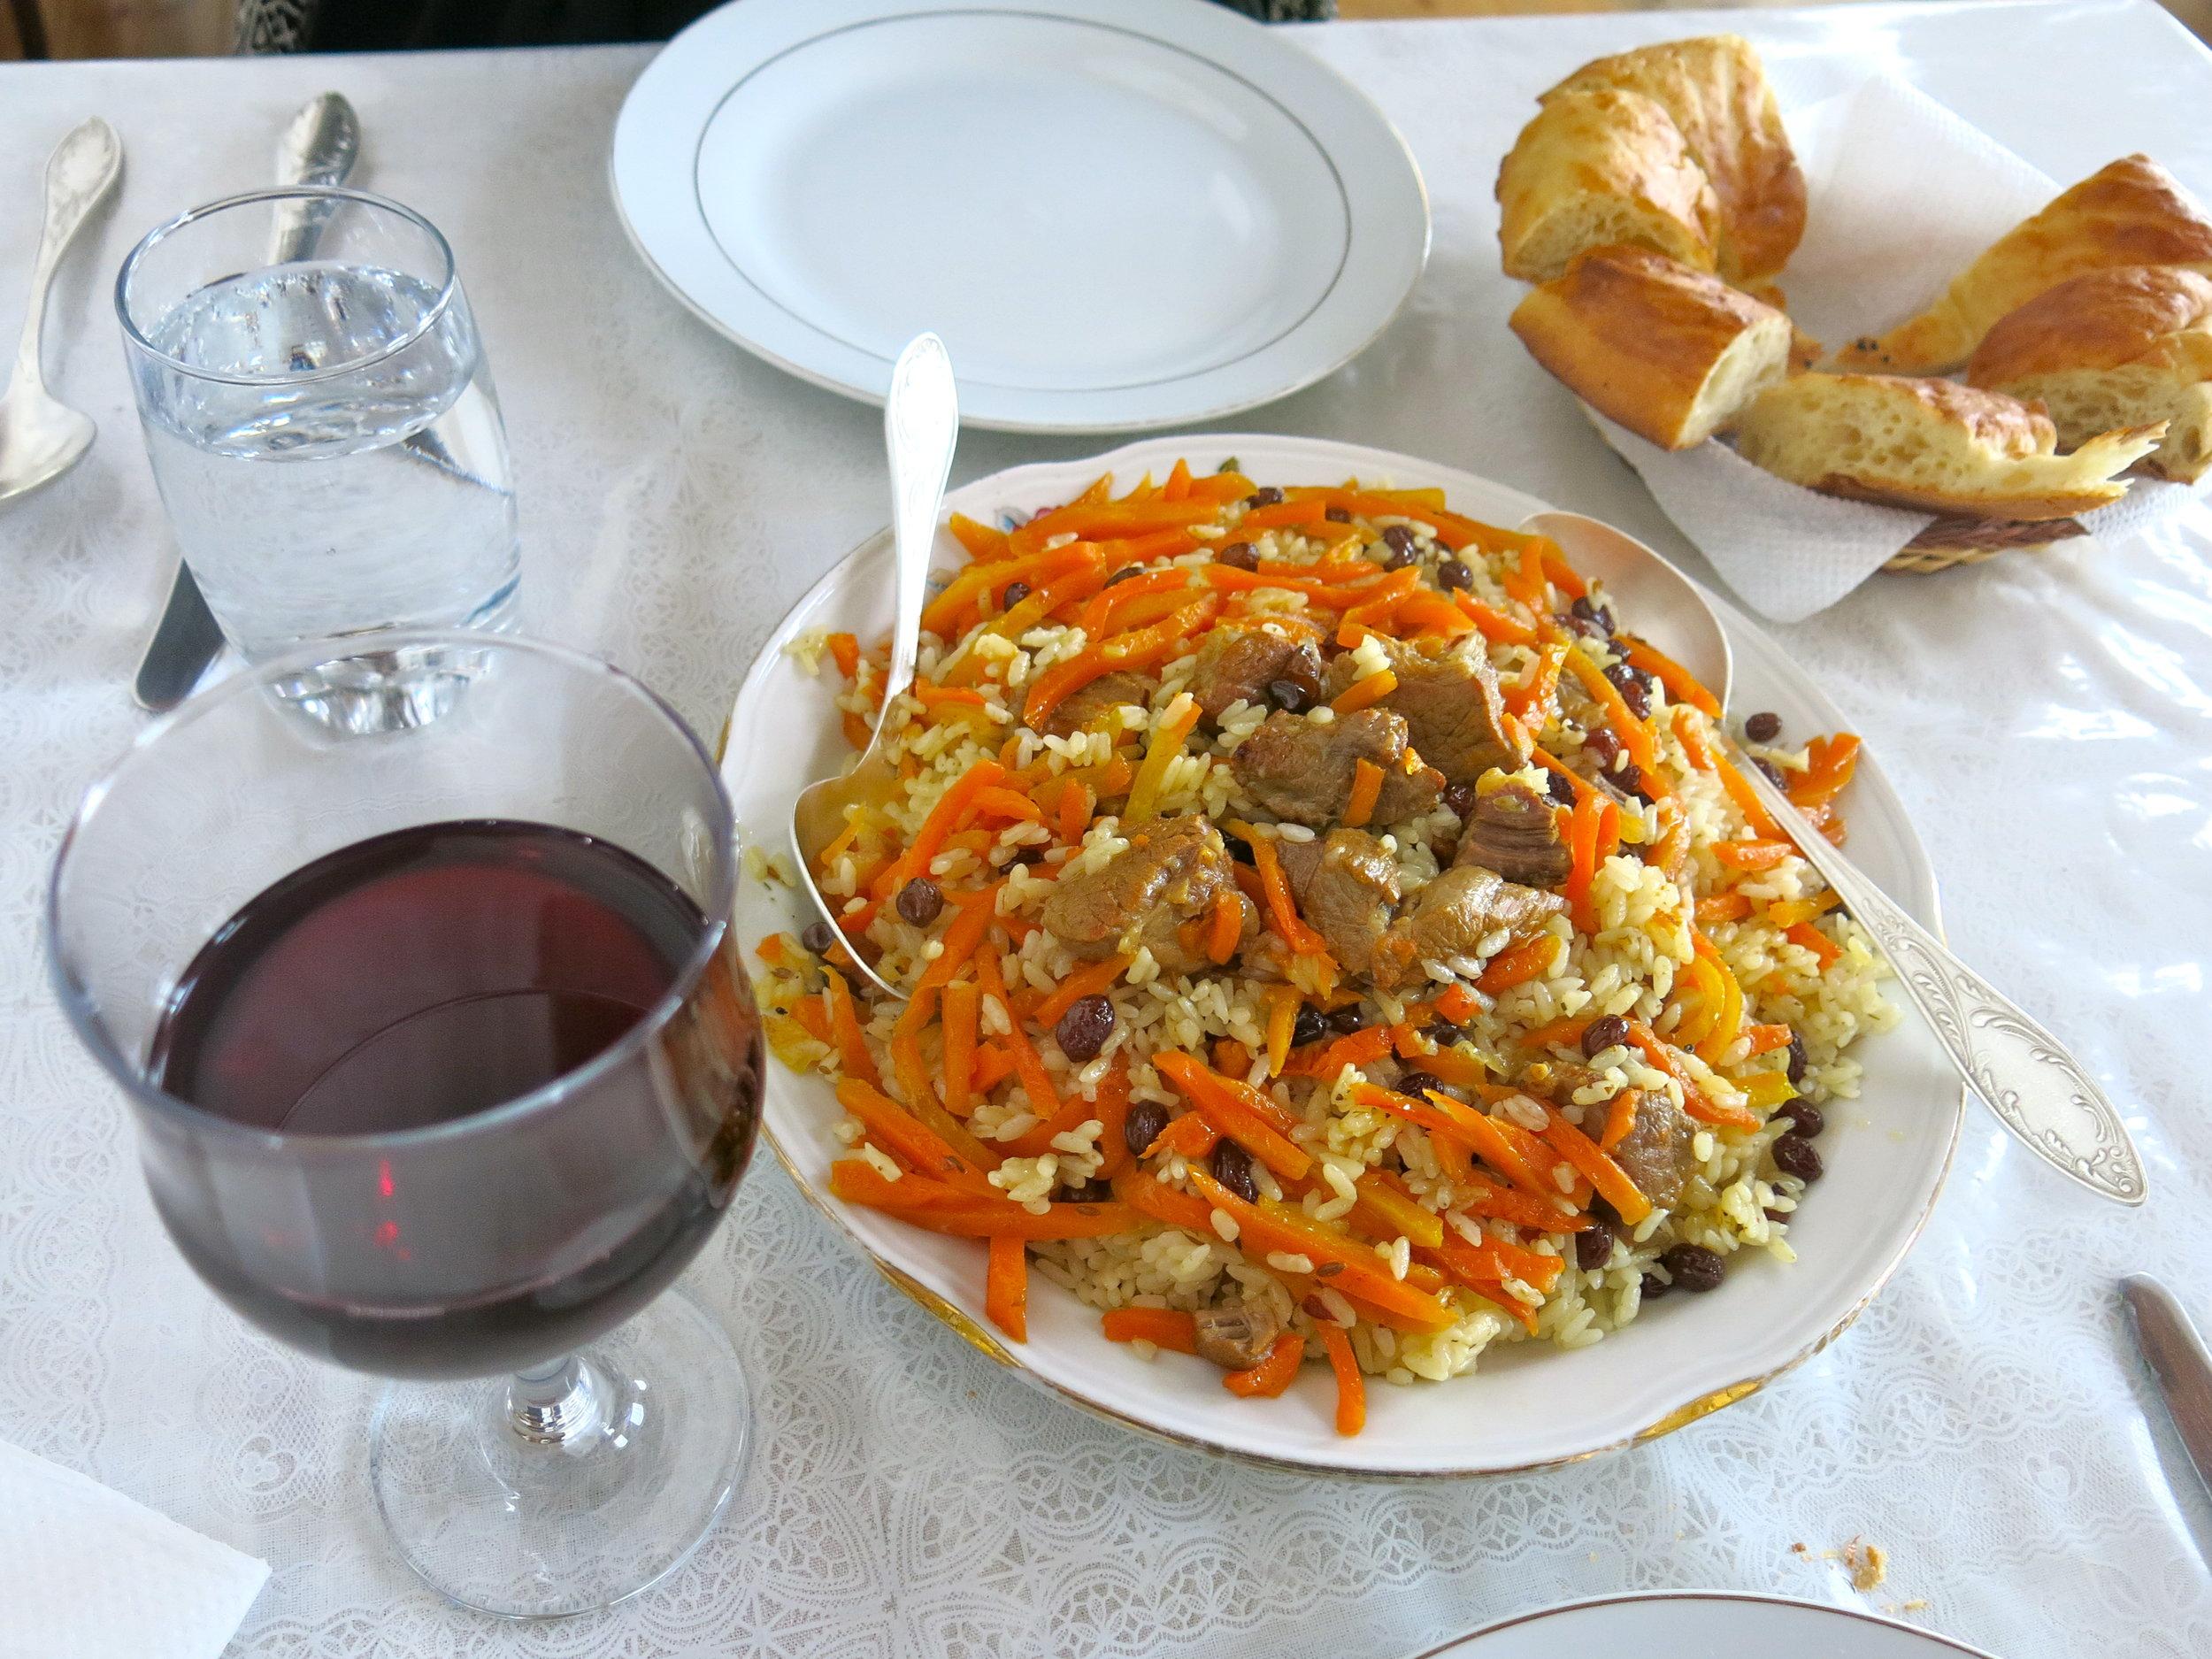 Homemade Plov, the Uzbek national dish